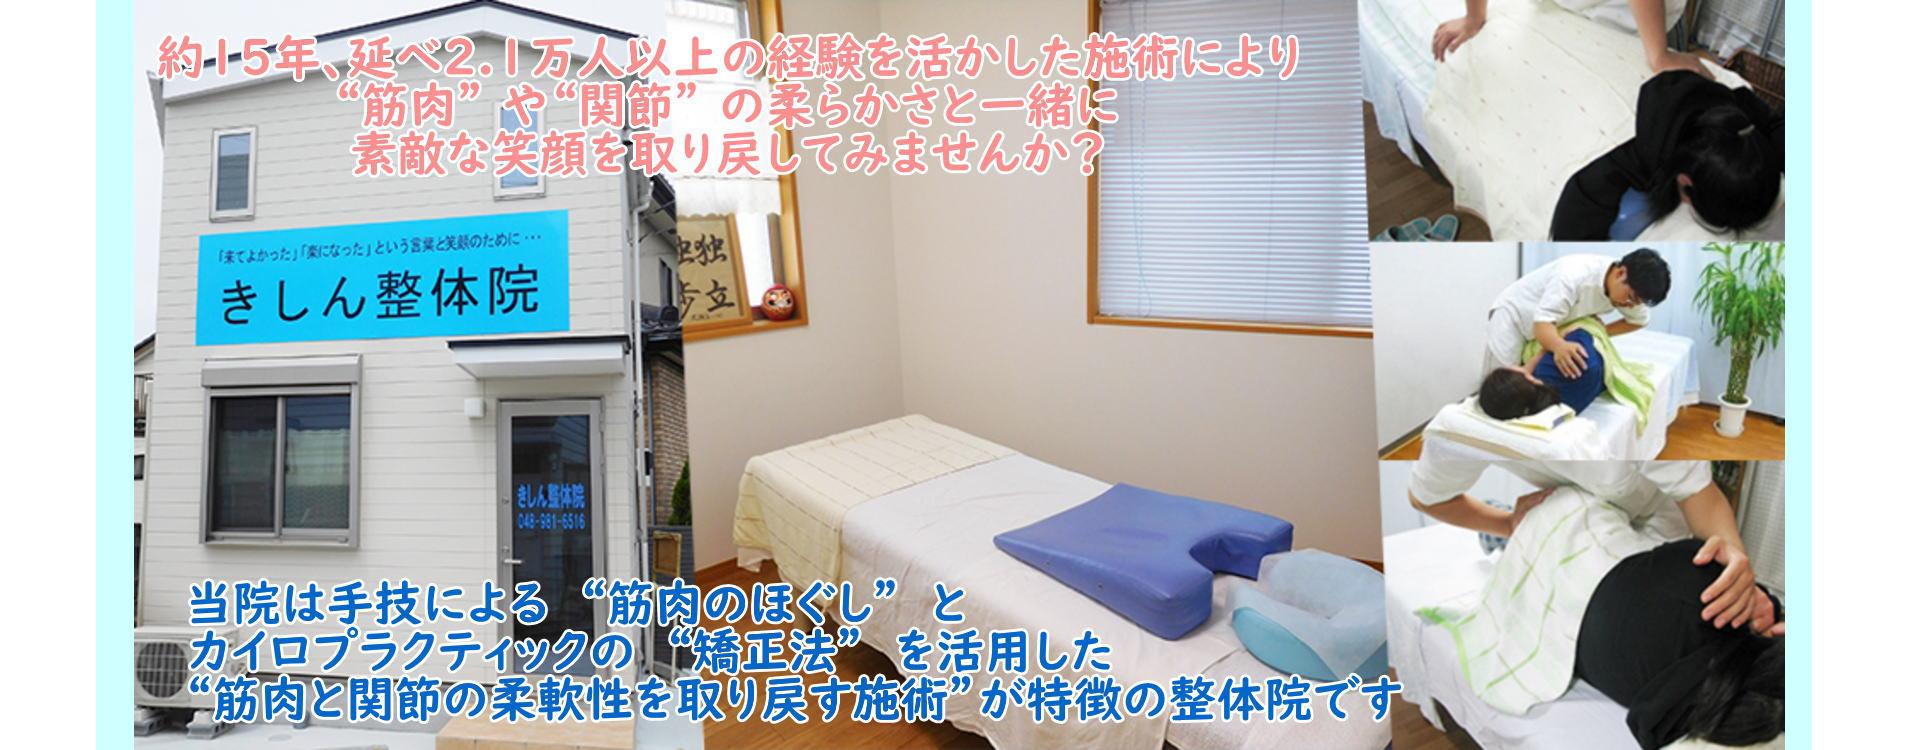 埼玉県吉川市の整体・カイロプラクティック|きしん整体院|